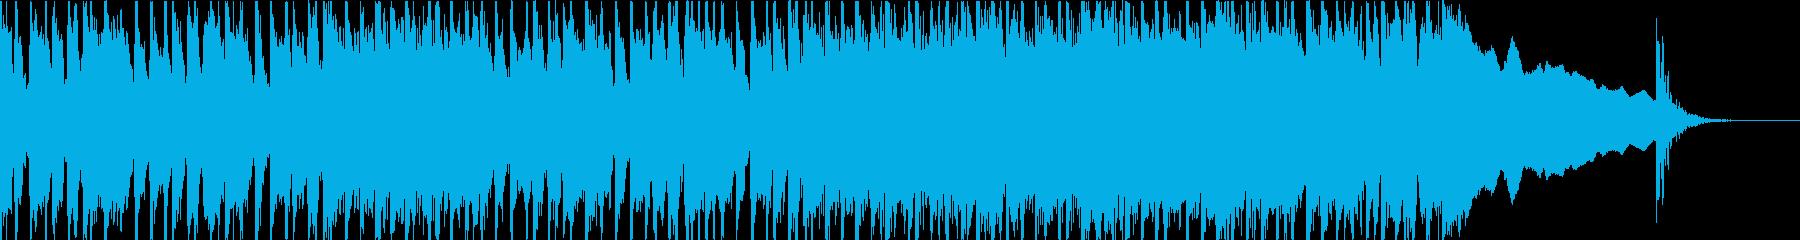 明るい  高揚  ビンテージ 岩の再生済みの波形